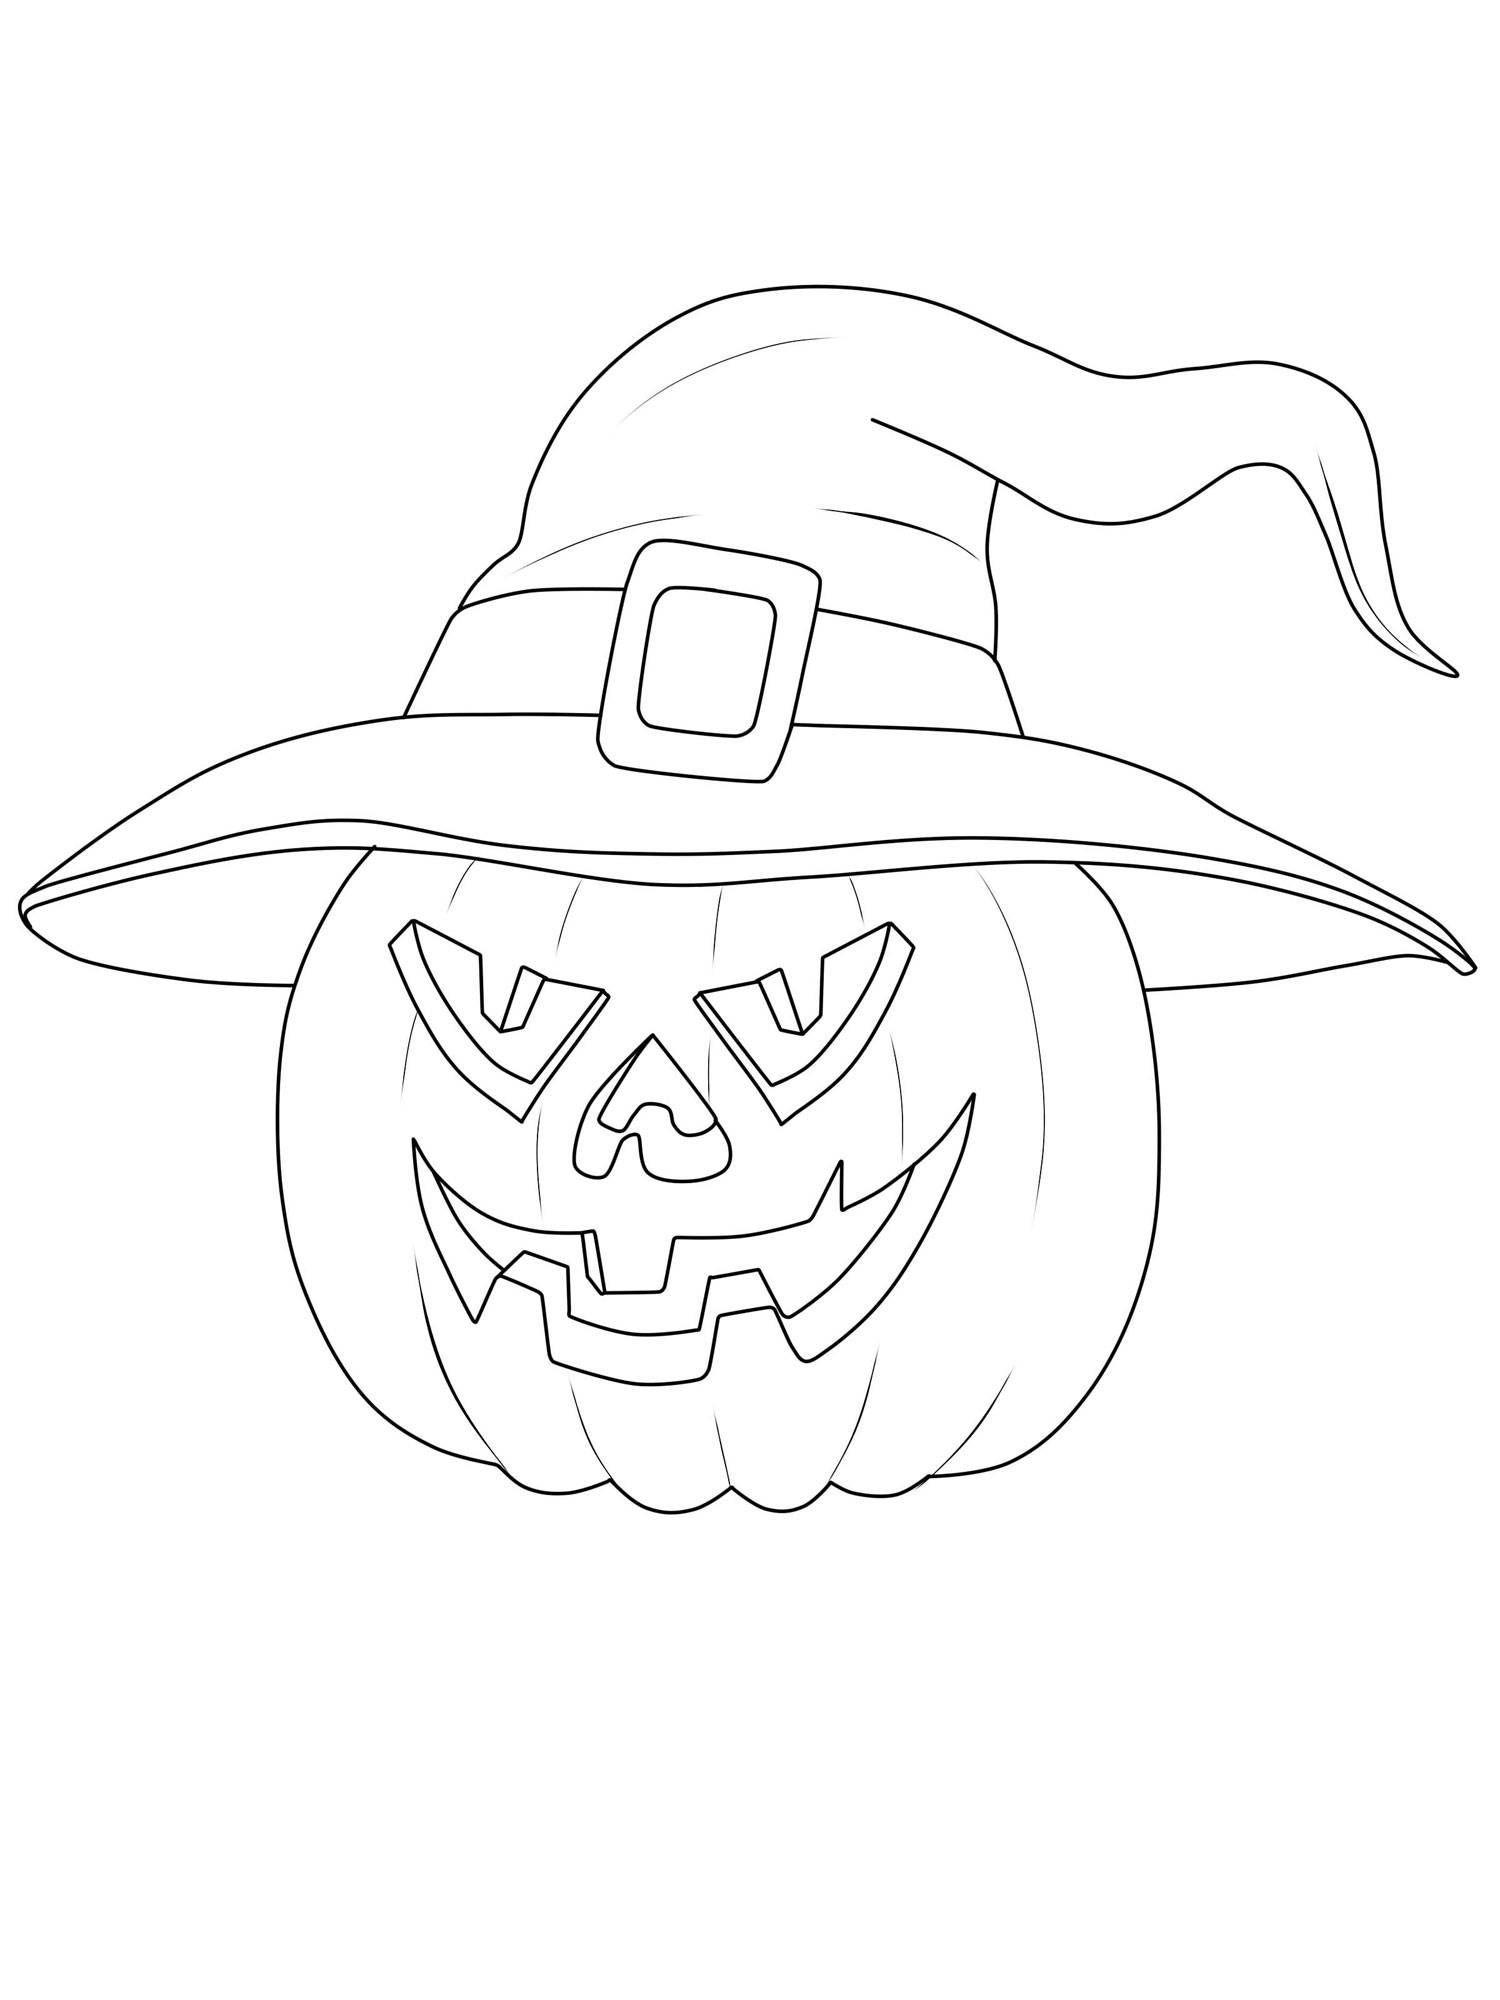 Halloween Hexe Malvorlage Halloween Vorlagen Ausdrucken Malvorlagen Halloween Halloween Ausmalbilder